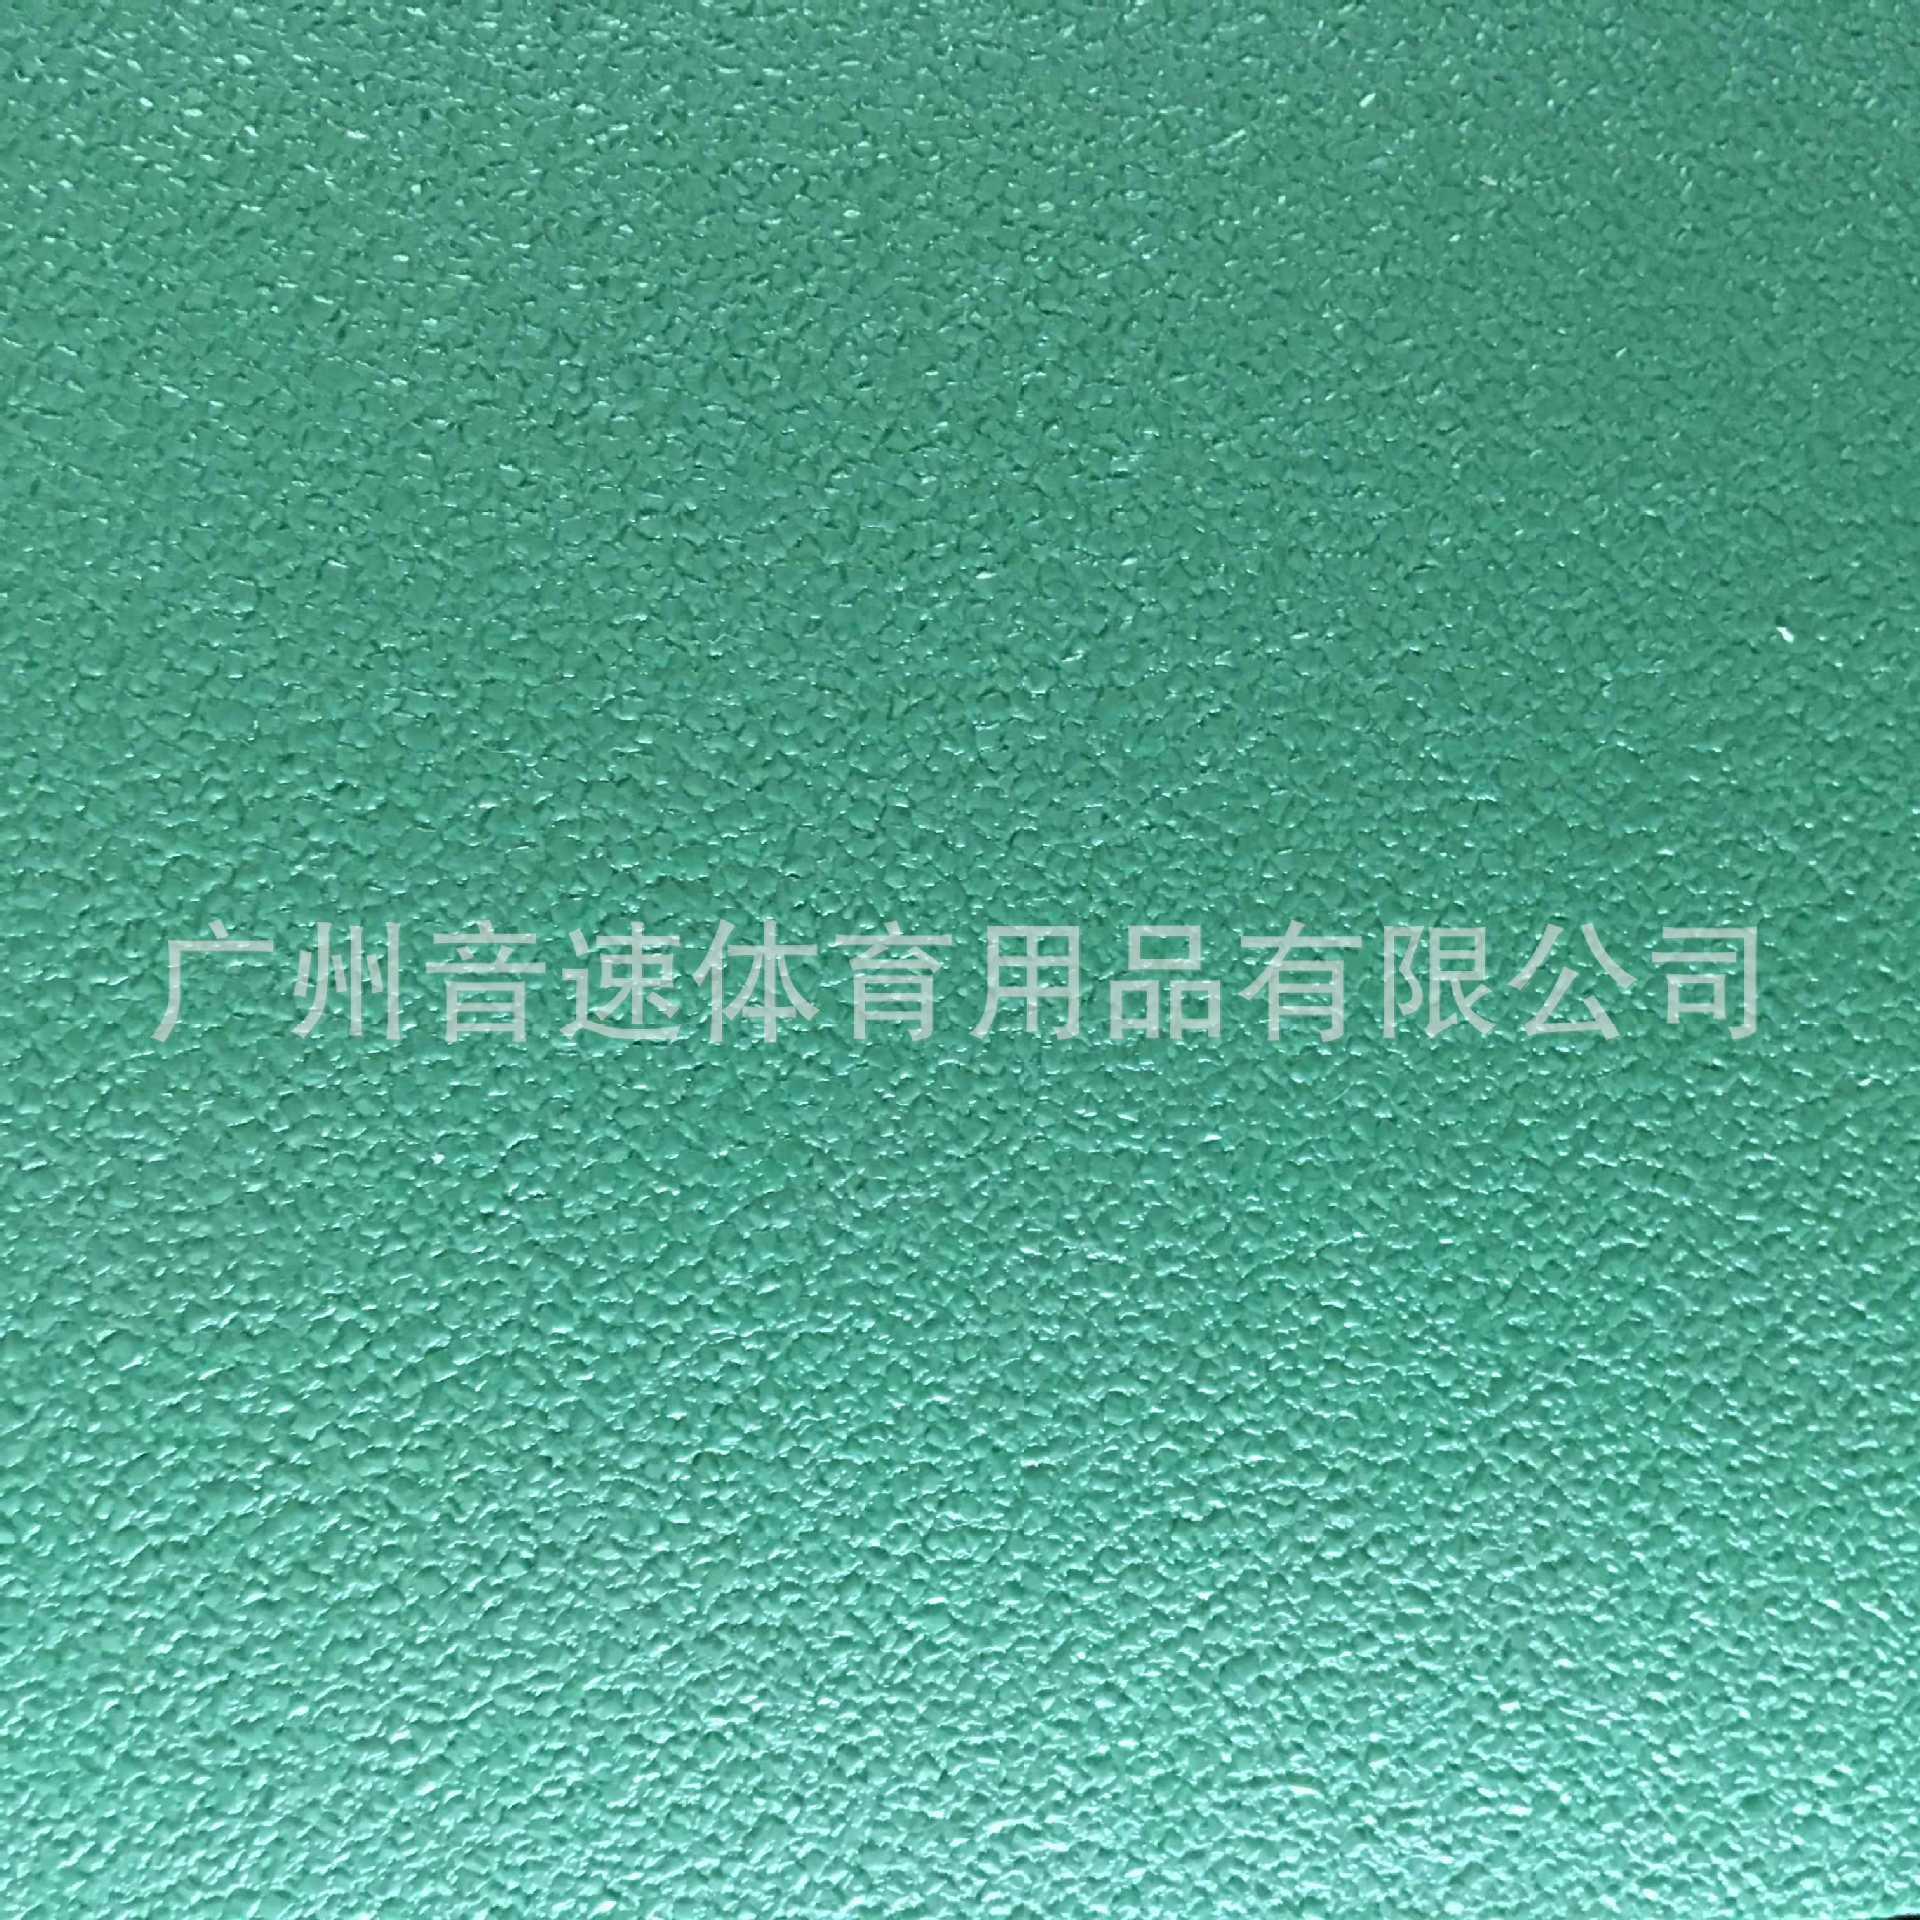 钻石纹5.5mm羽毛球场地地胶加厚耐磨地板篮球场地PVC耐磨地板胶绿